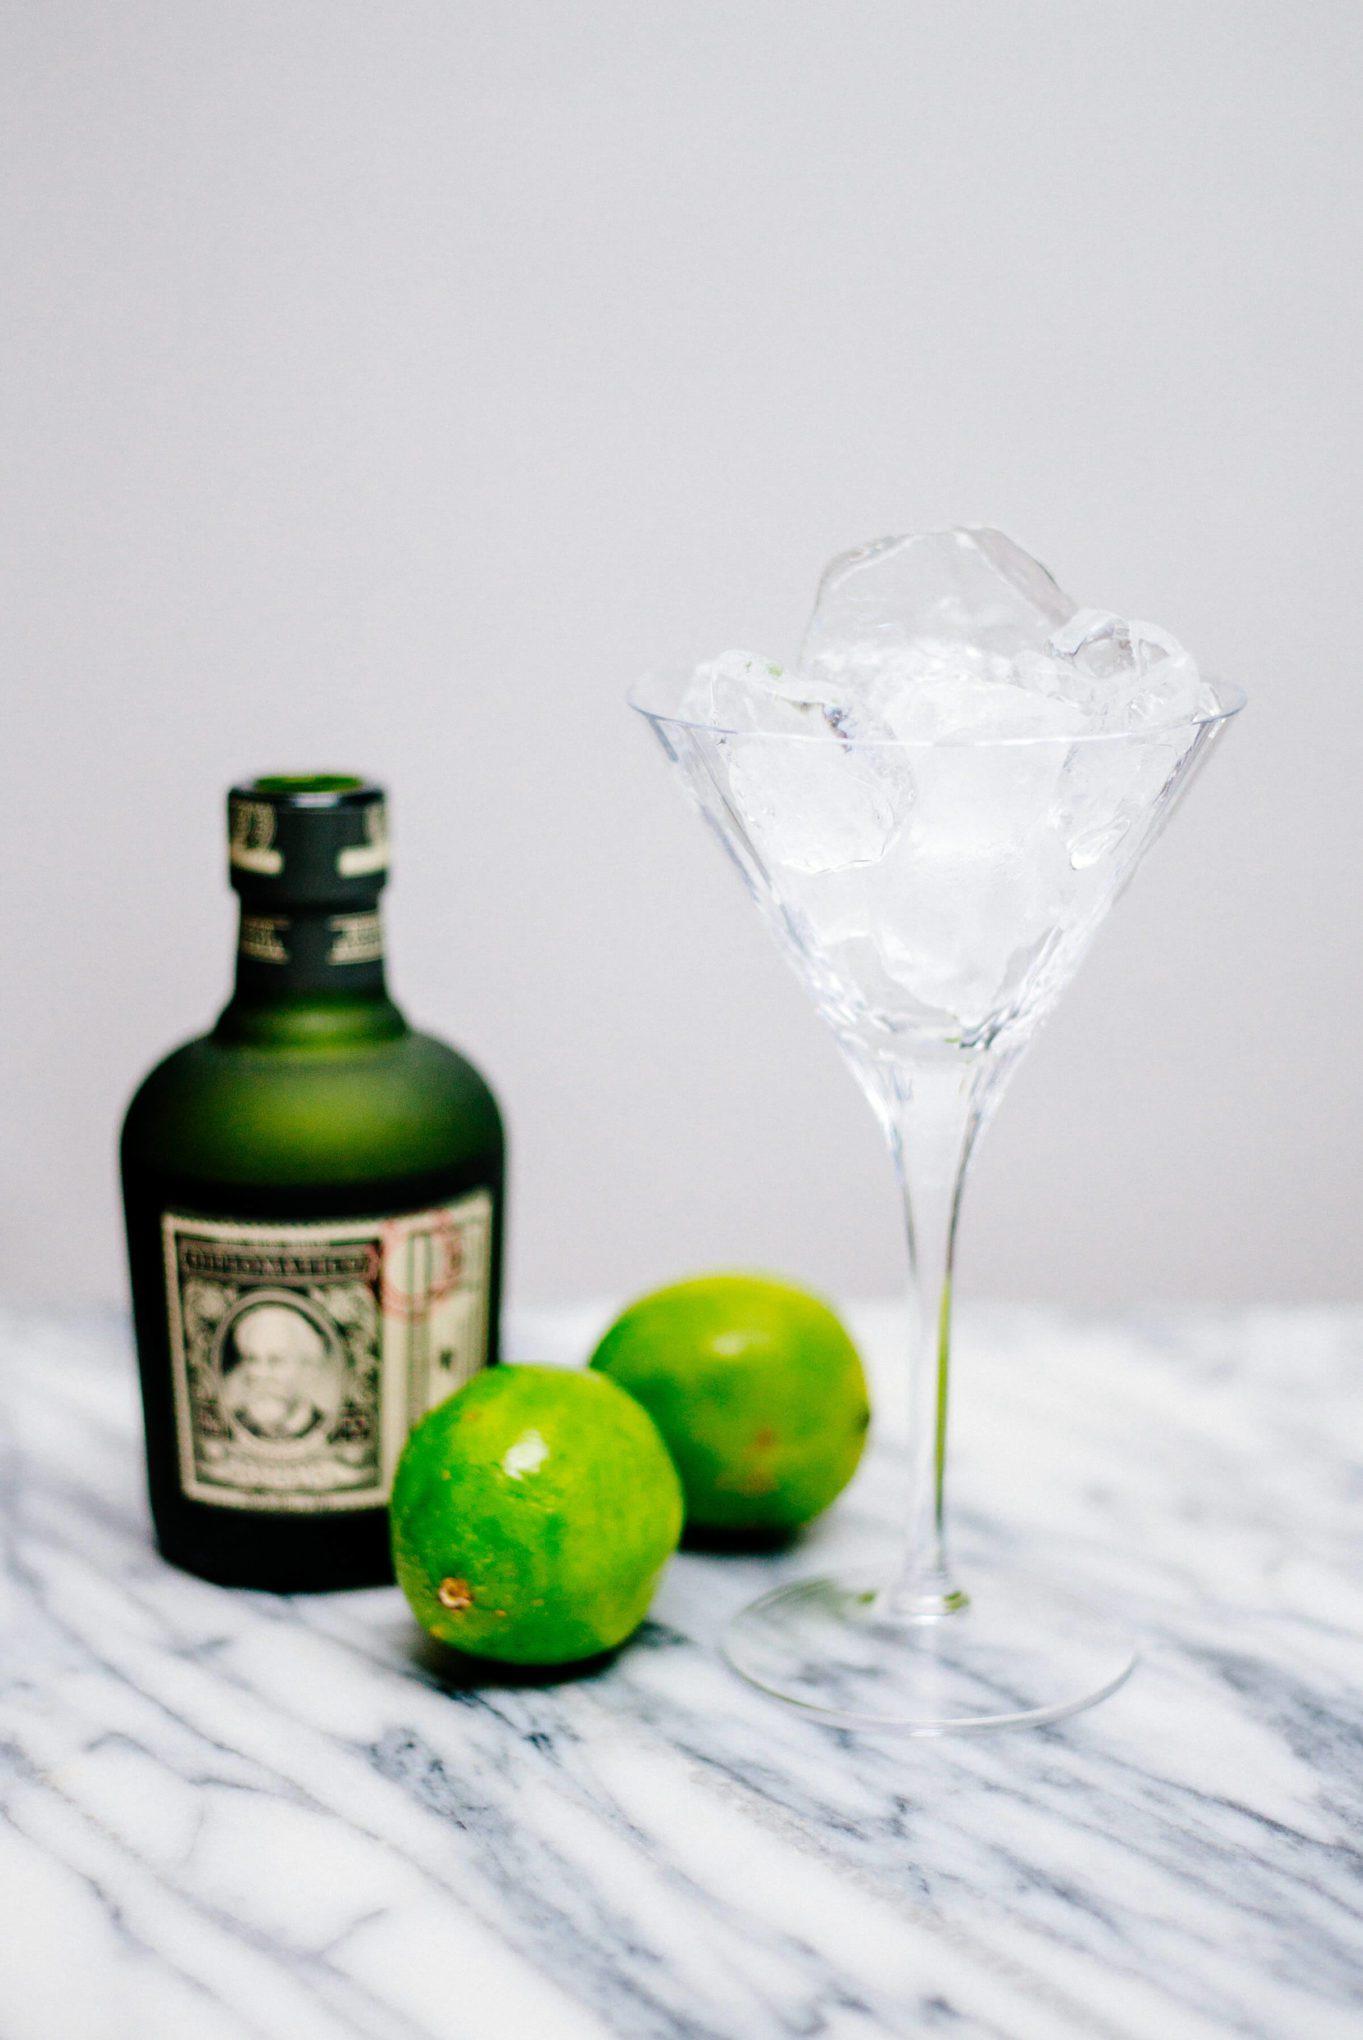 Chilling a martini glass for a Lemon Verbena Daiquiri